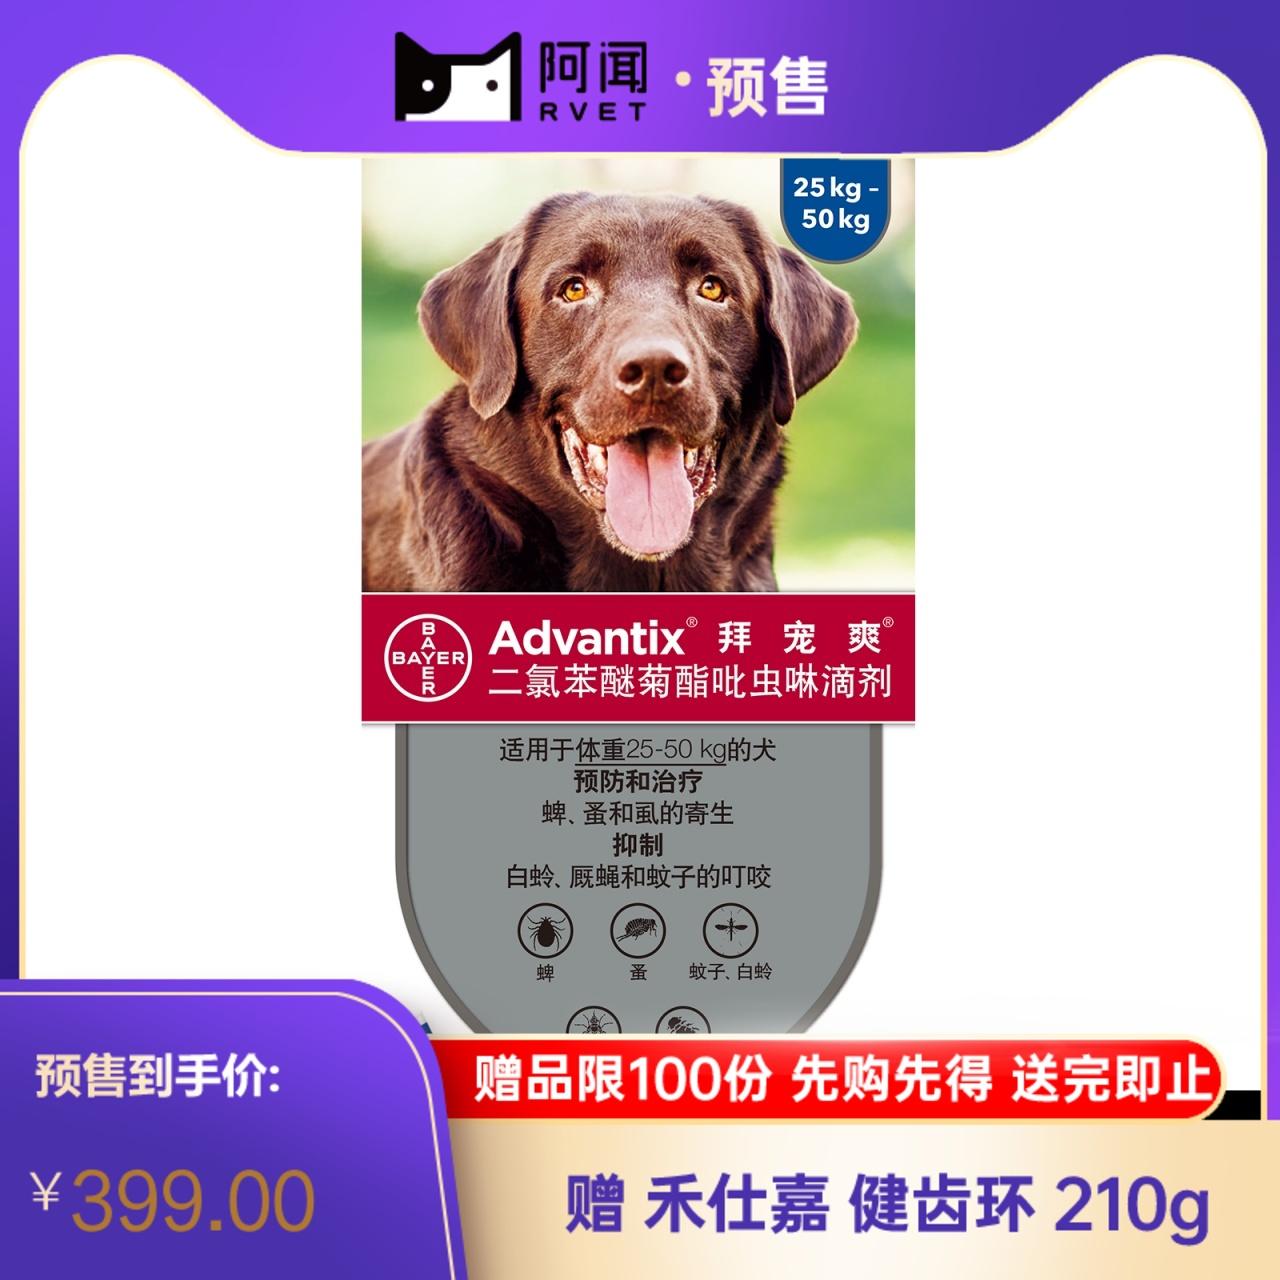 【2盒】拜耳拜宠爽 狗狗体外驱虫滴剂 超大型犬(25-50kg) 4ml*4支/盒